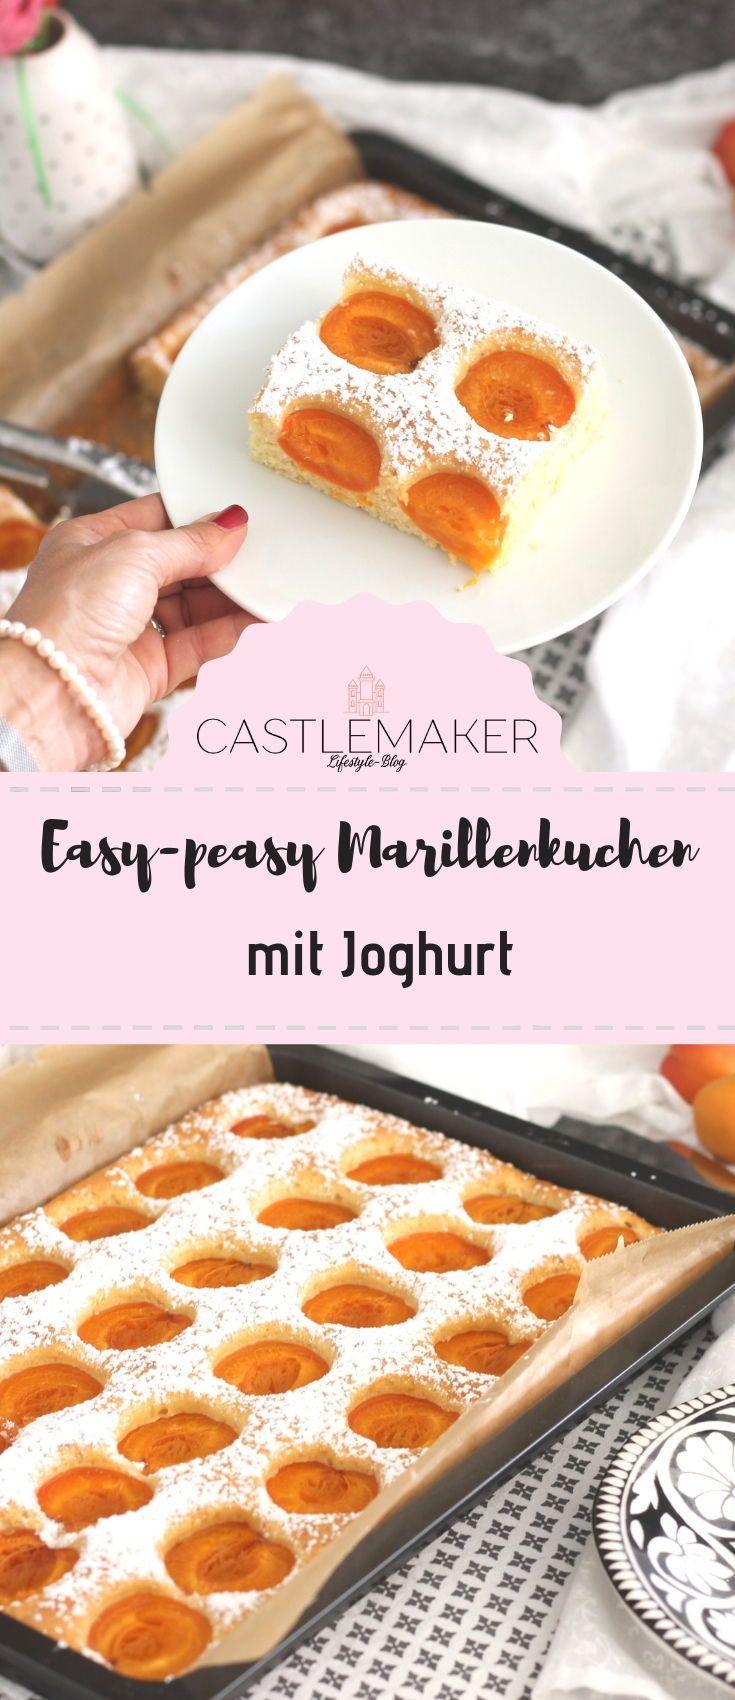 Einfacher Aprikosenkuchen mit Joghurt - Marillenkuchen vom Blech « Castlemaker